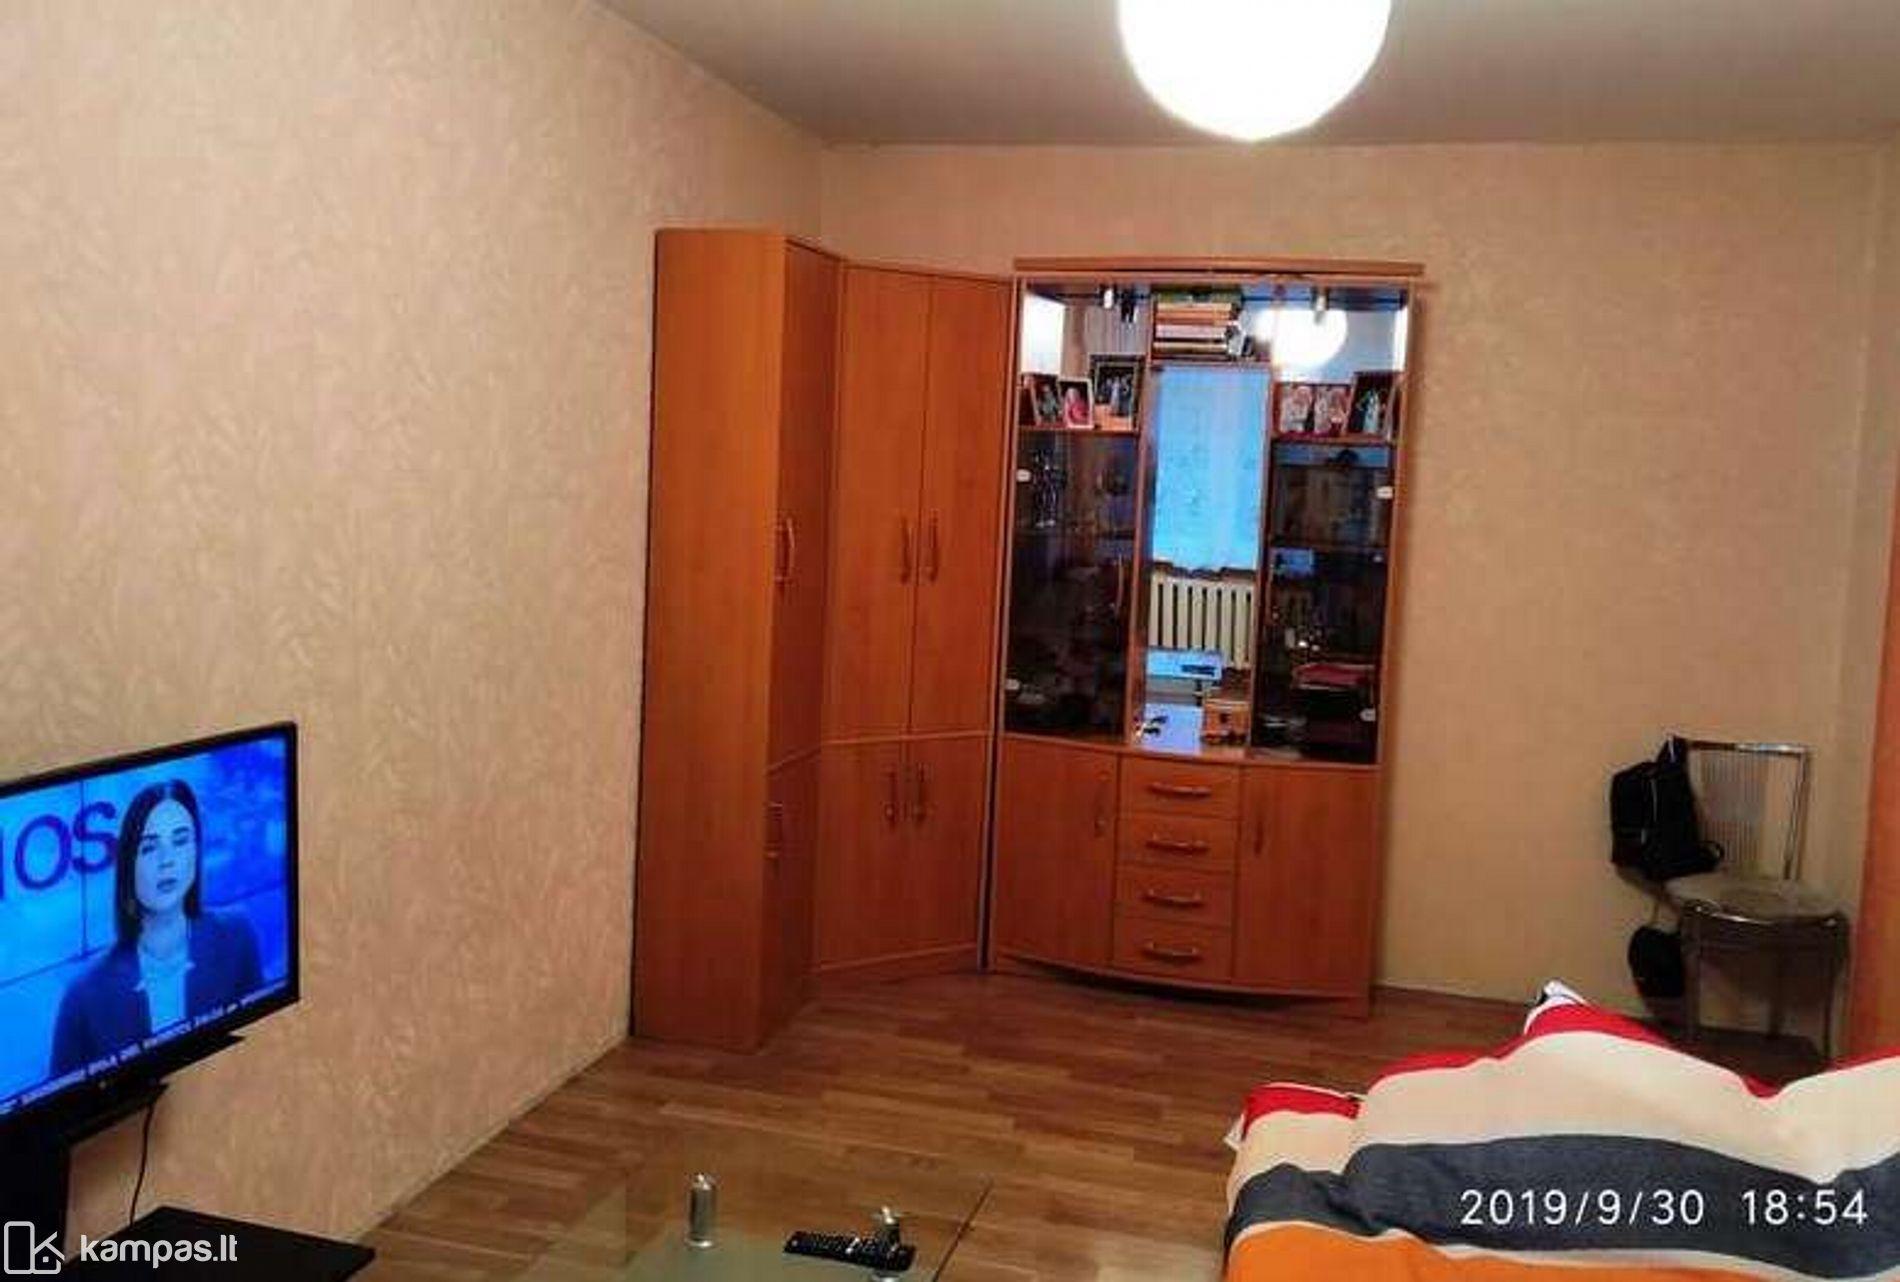 photo No.4 Klaipėda, Debrecenas, Naujakiemio g.